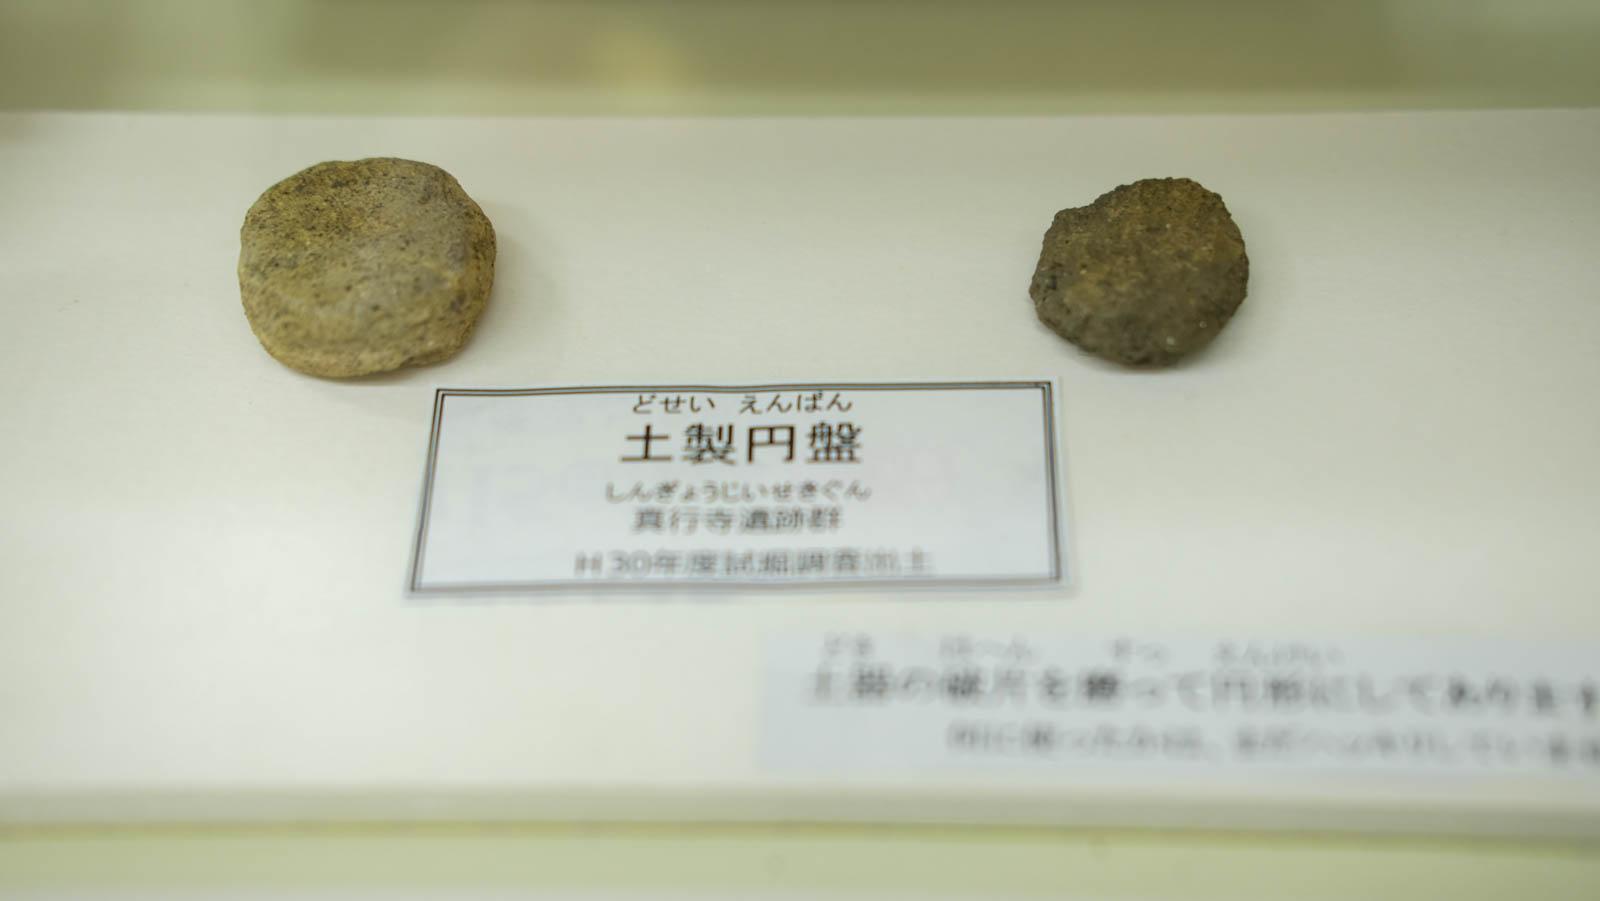 謎の土製円盤